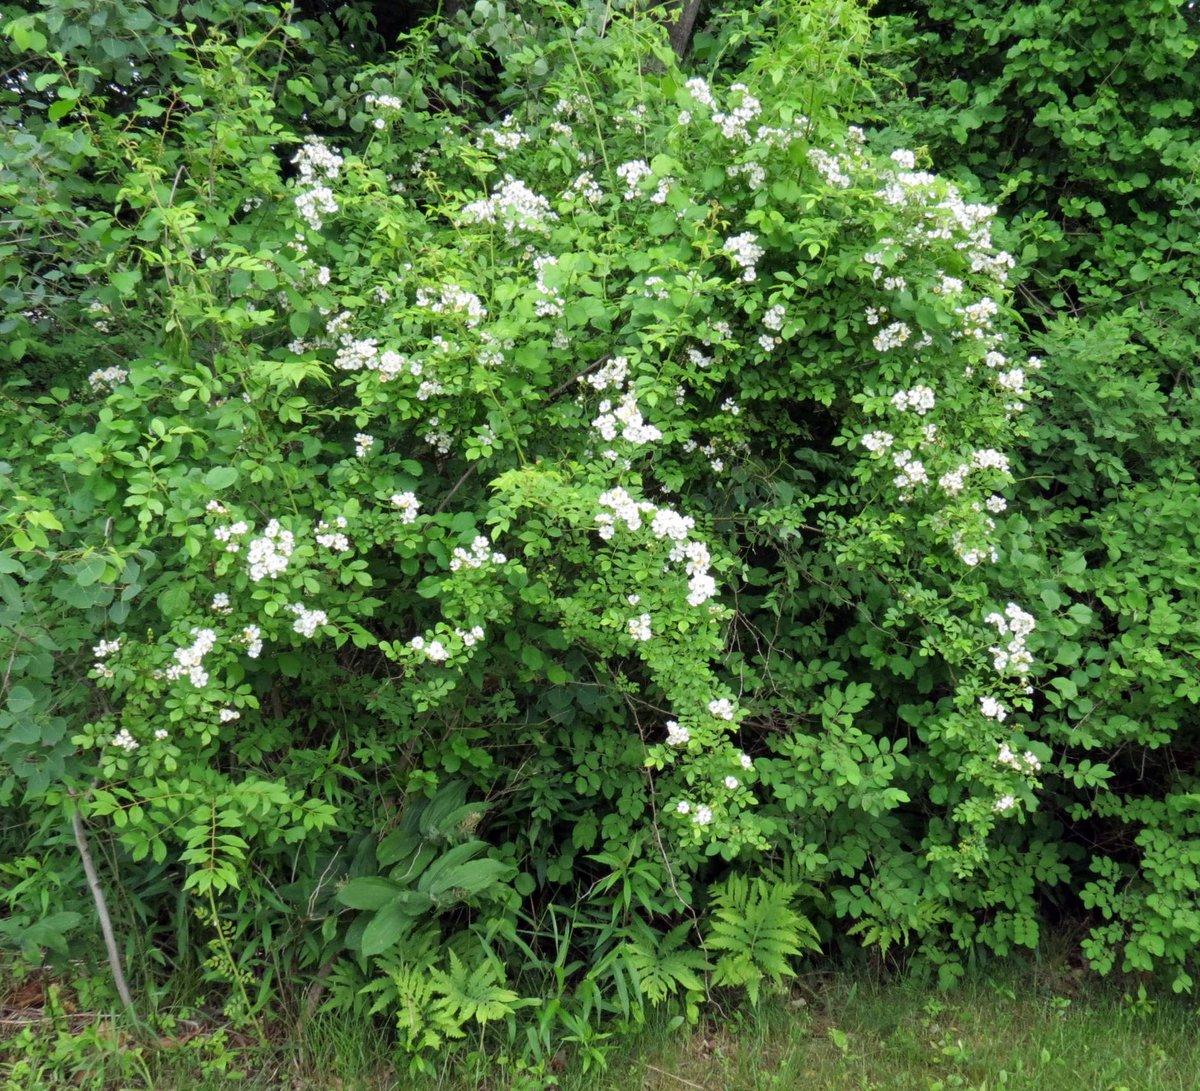 10. Multiflora Rose